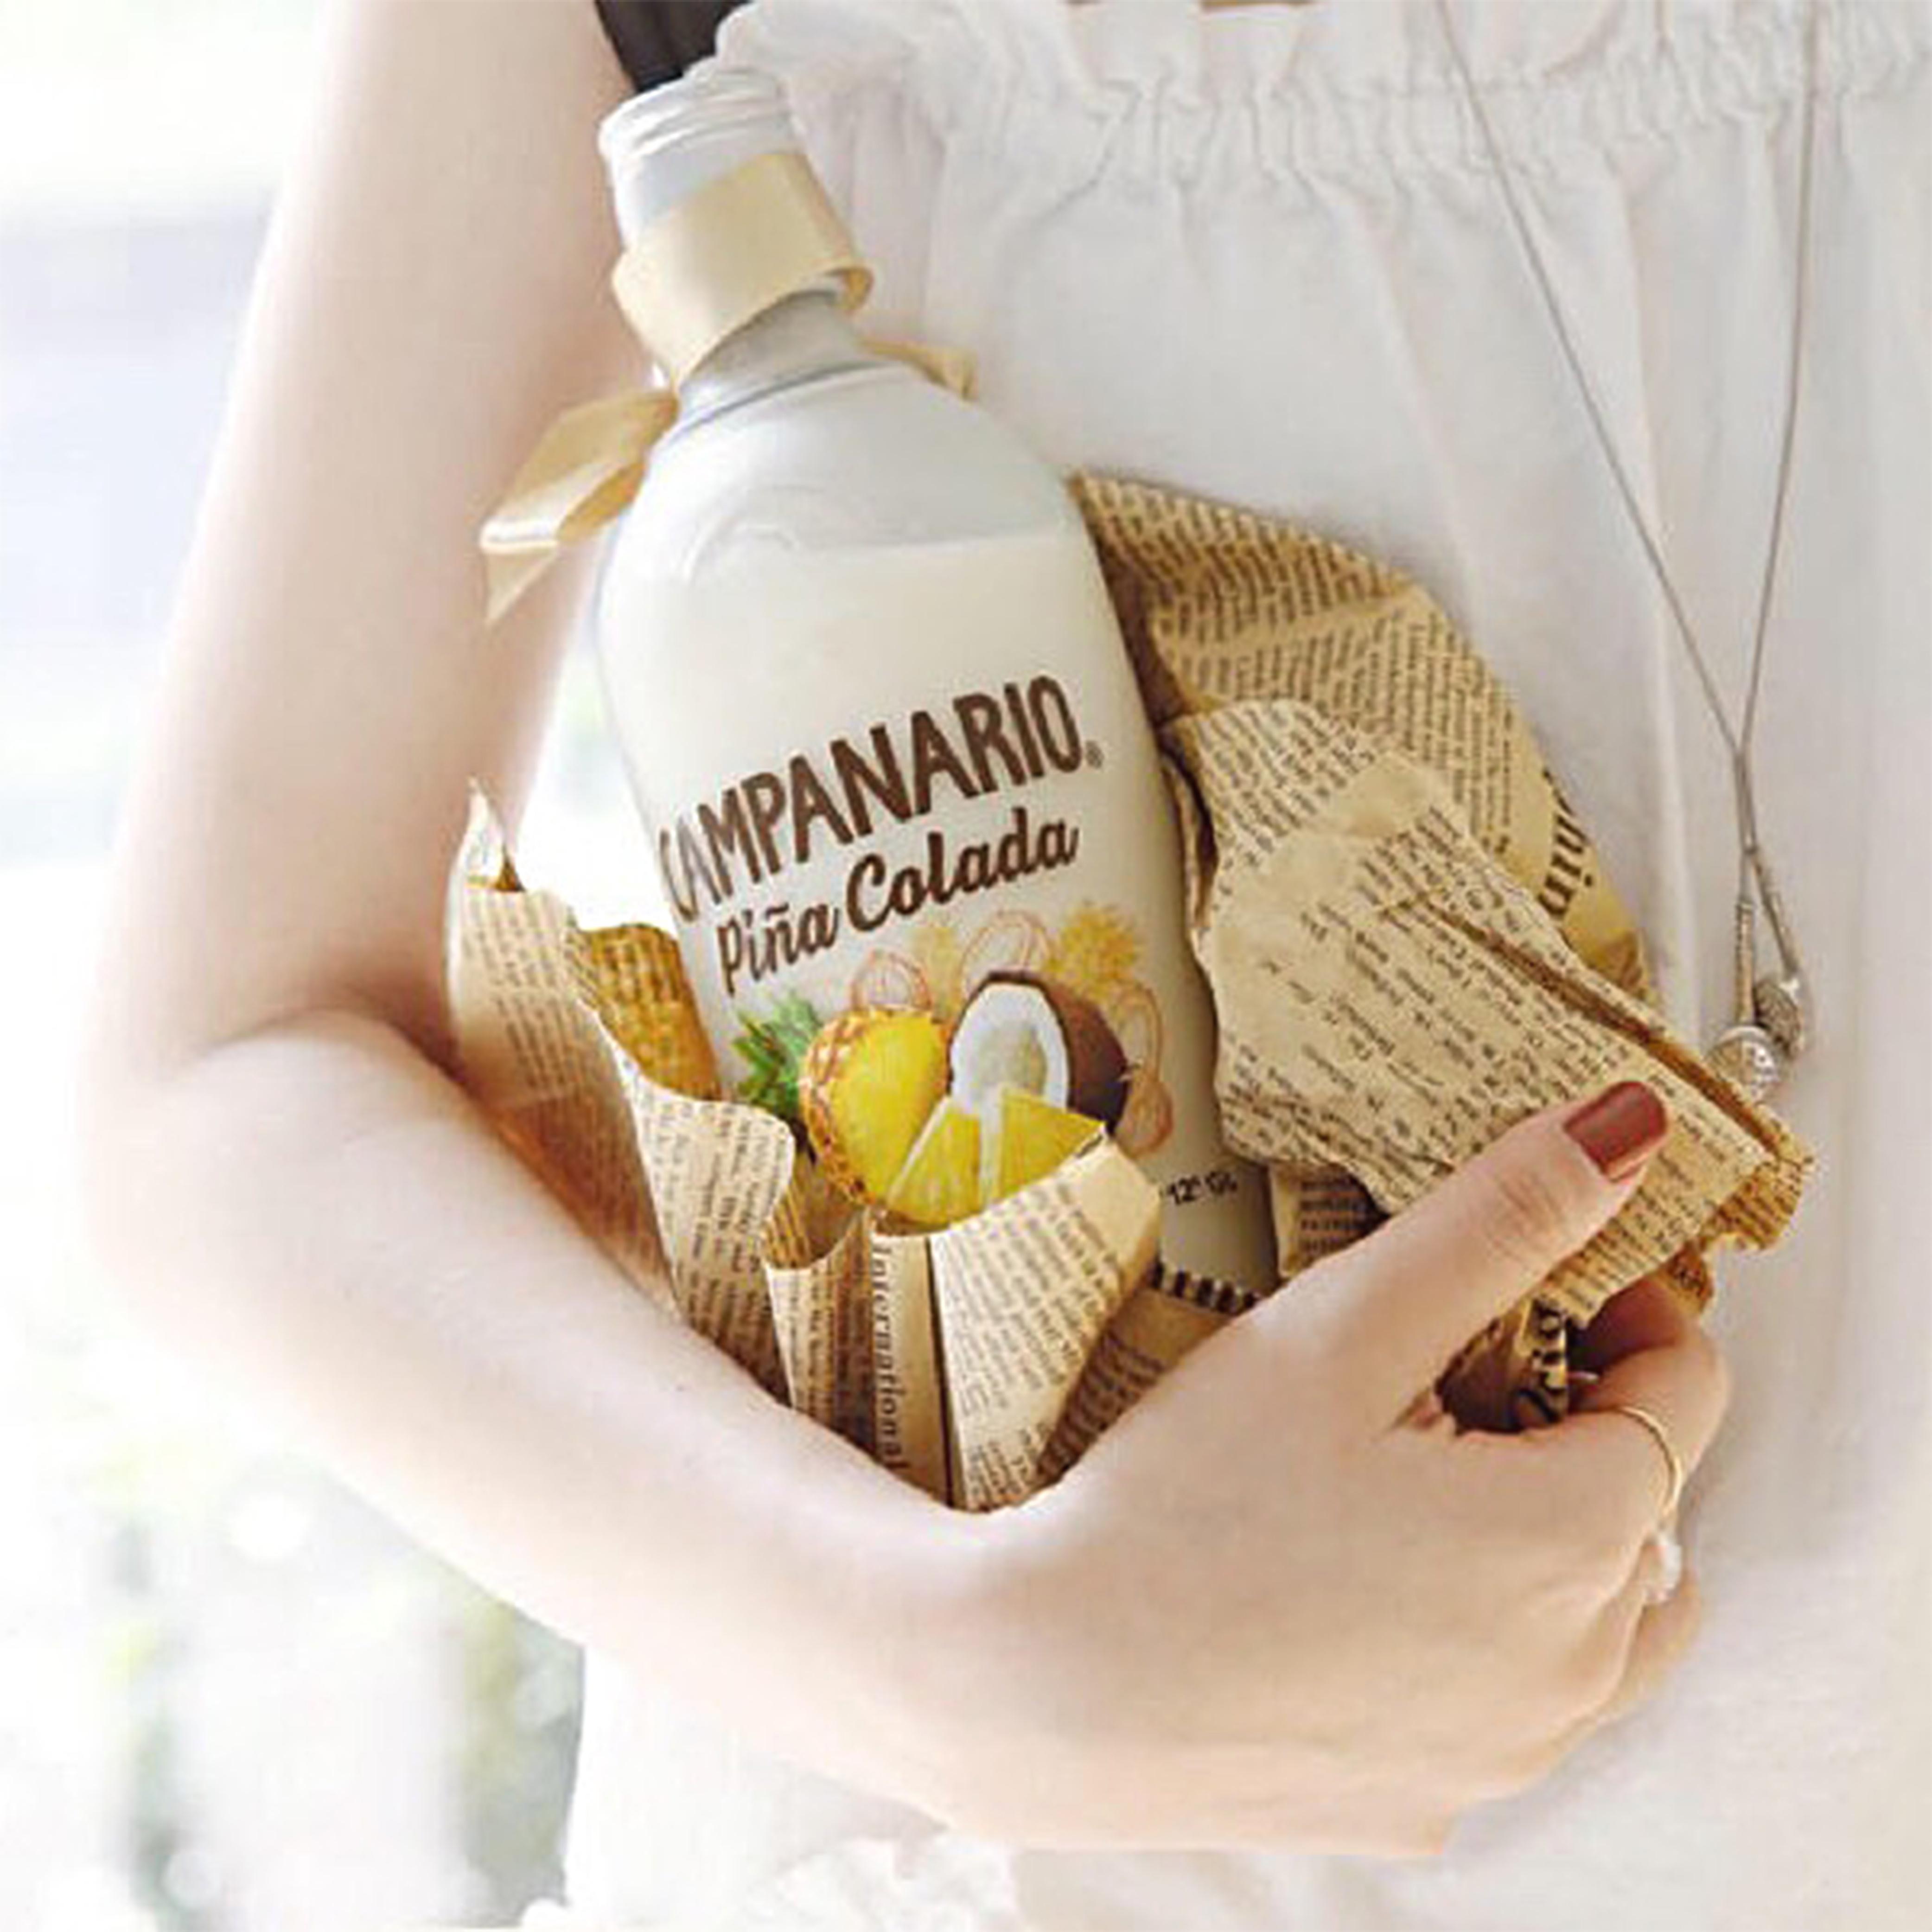 菠萝椰奶力娇酒利口酒小甜酒,情人节少女微醺礼物